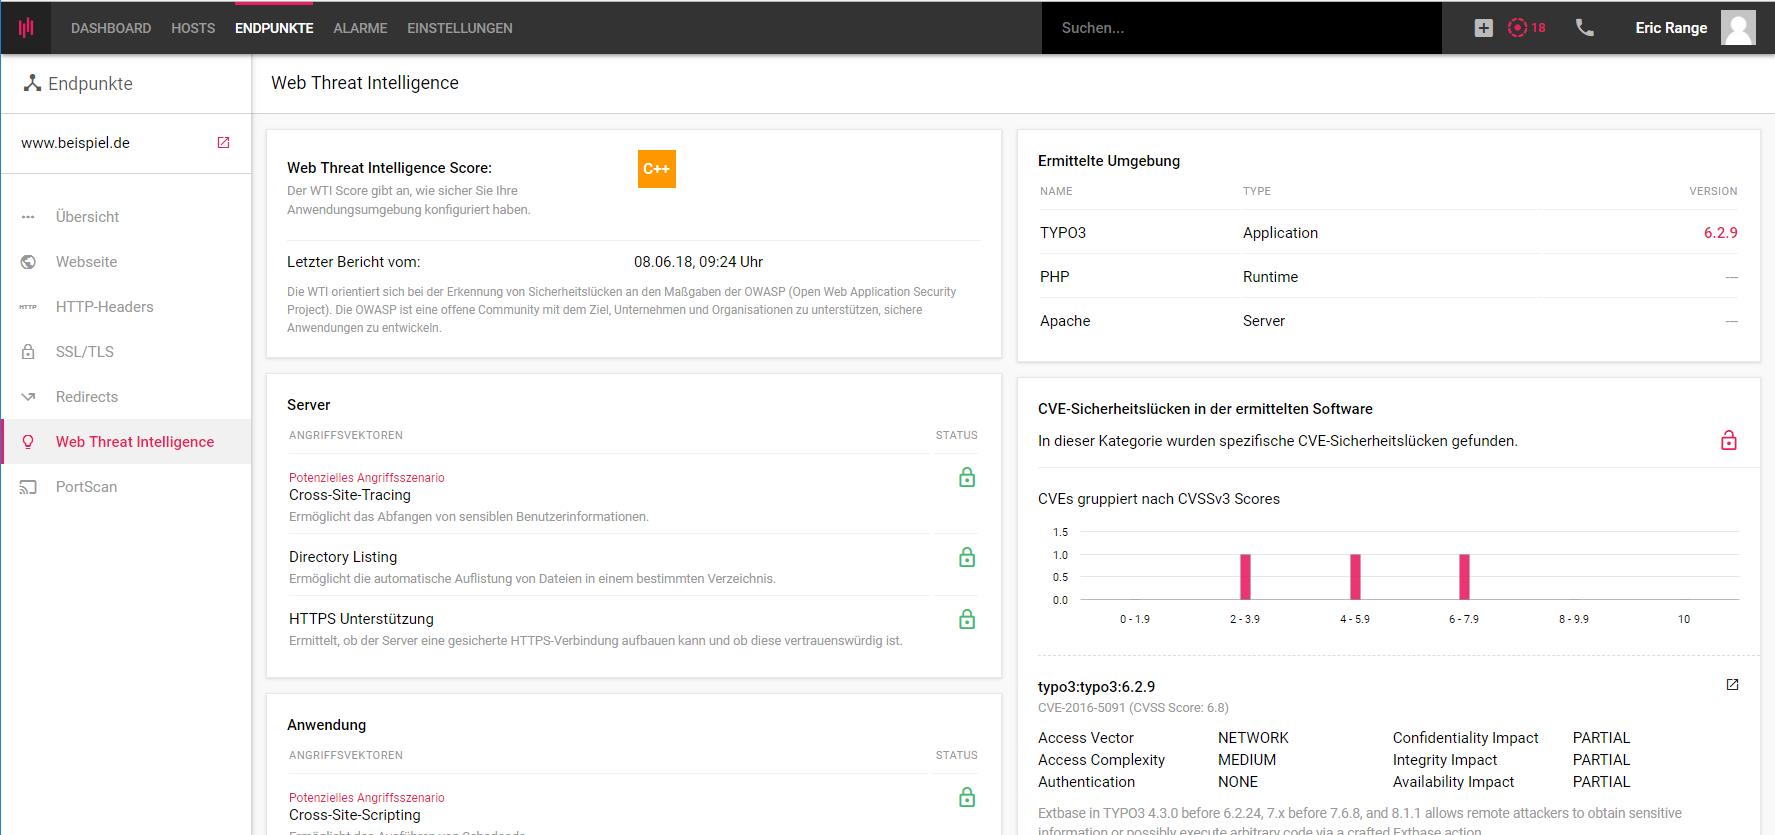 Web Threat Intelligence Monitoring für eine Webseite im Enginsight Tool